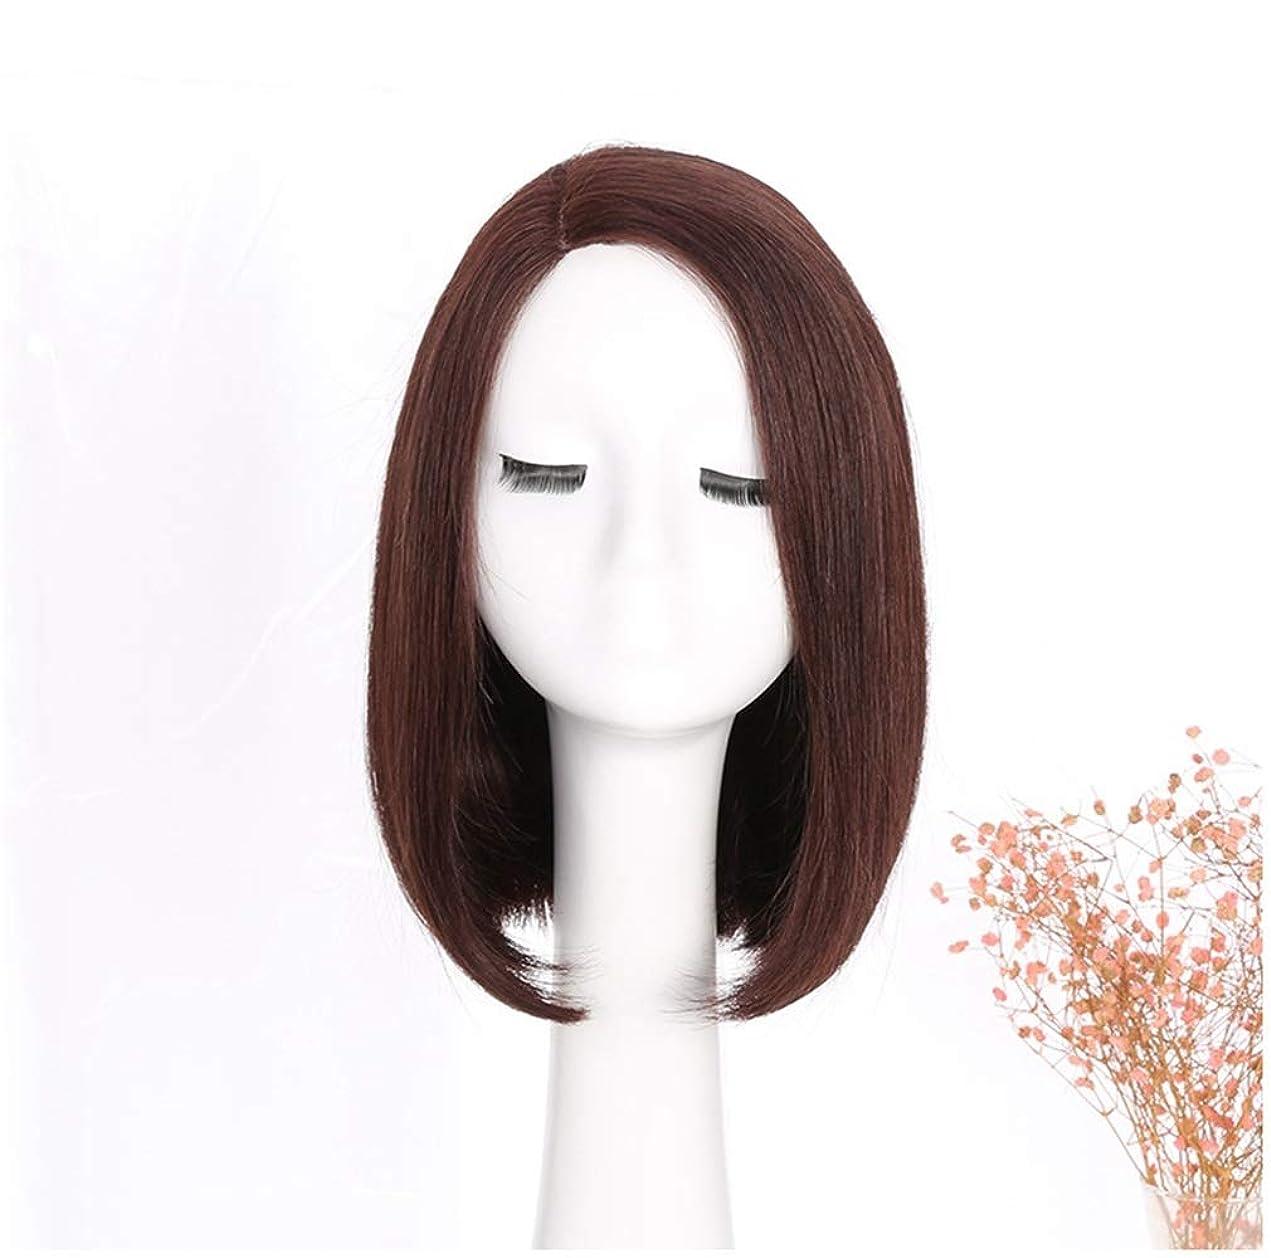 保有者甘味いらいらさせるHOHYLLYA 女性の短い髪ボブ梨ヘッド本物の髪のかつら肩ストレートヘアリアルなかつらファッションかつら (色 : Dark brown)